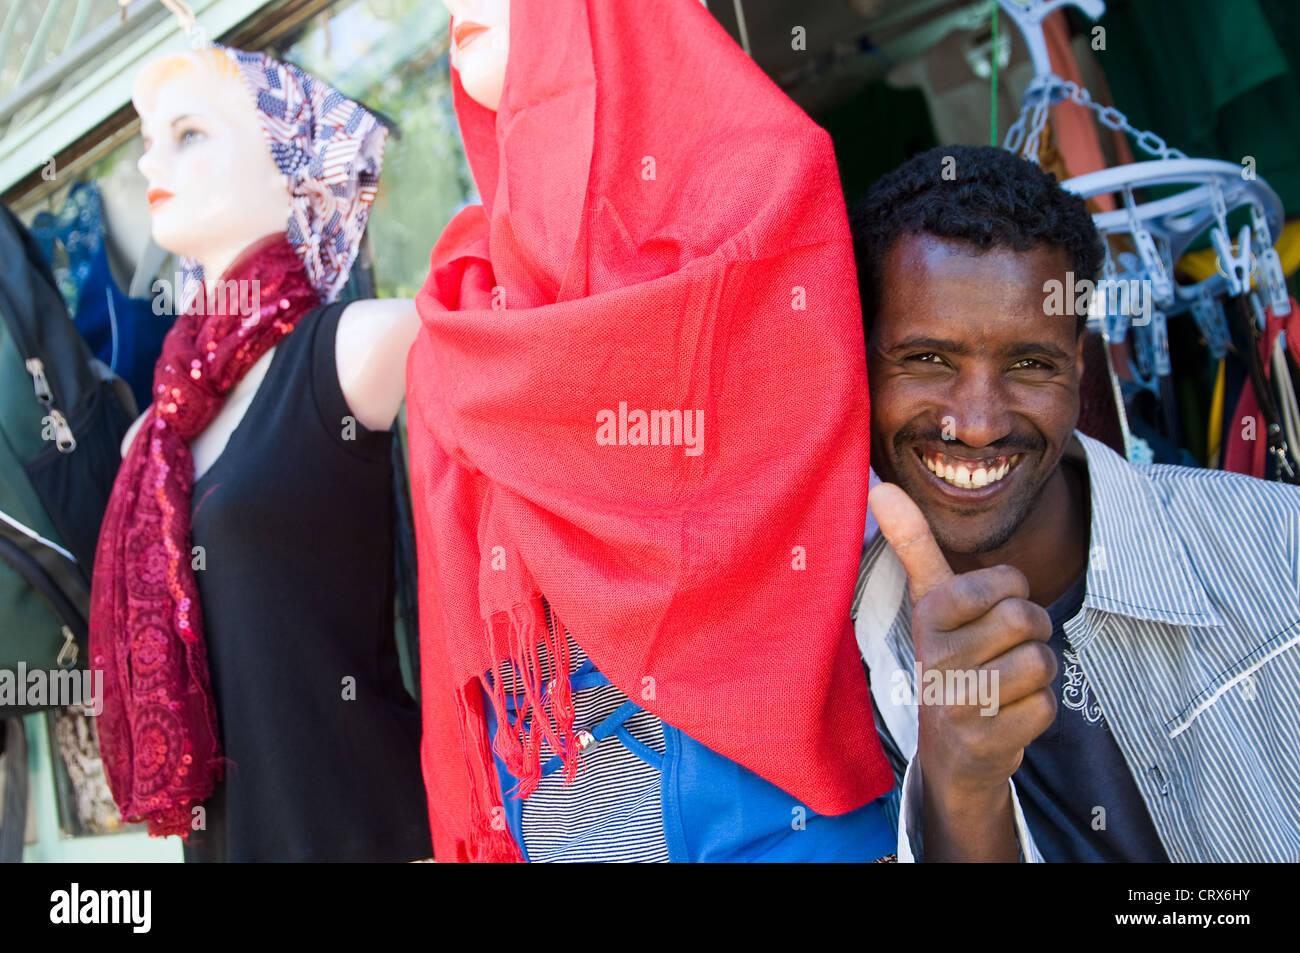 boutique in town, axum ethiopia - Stock Image